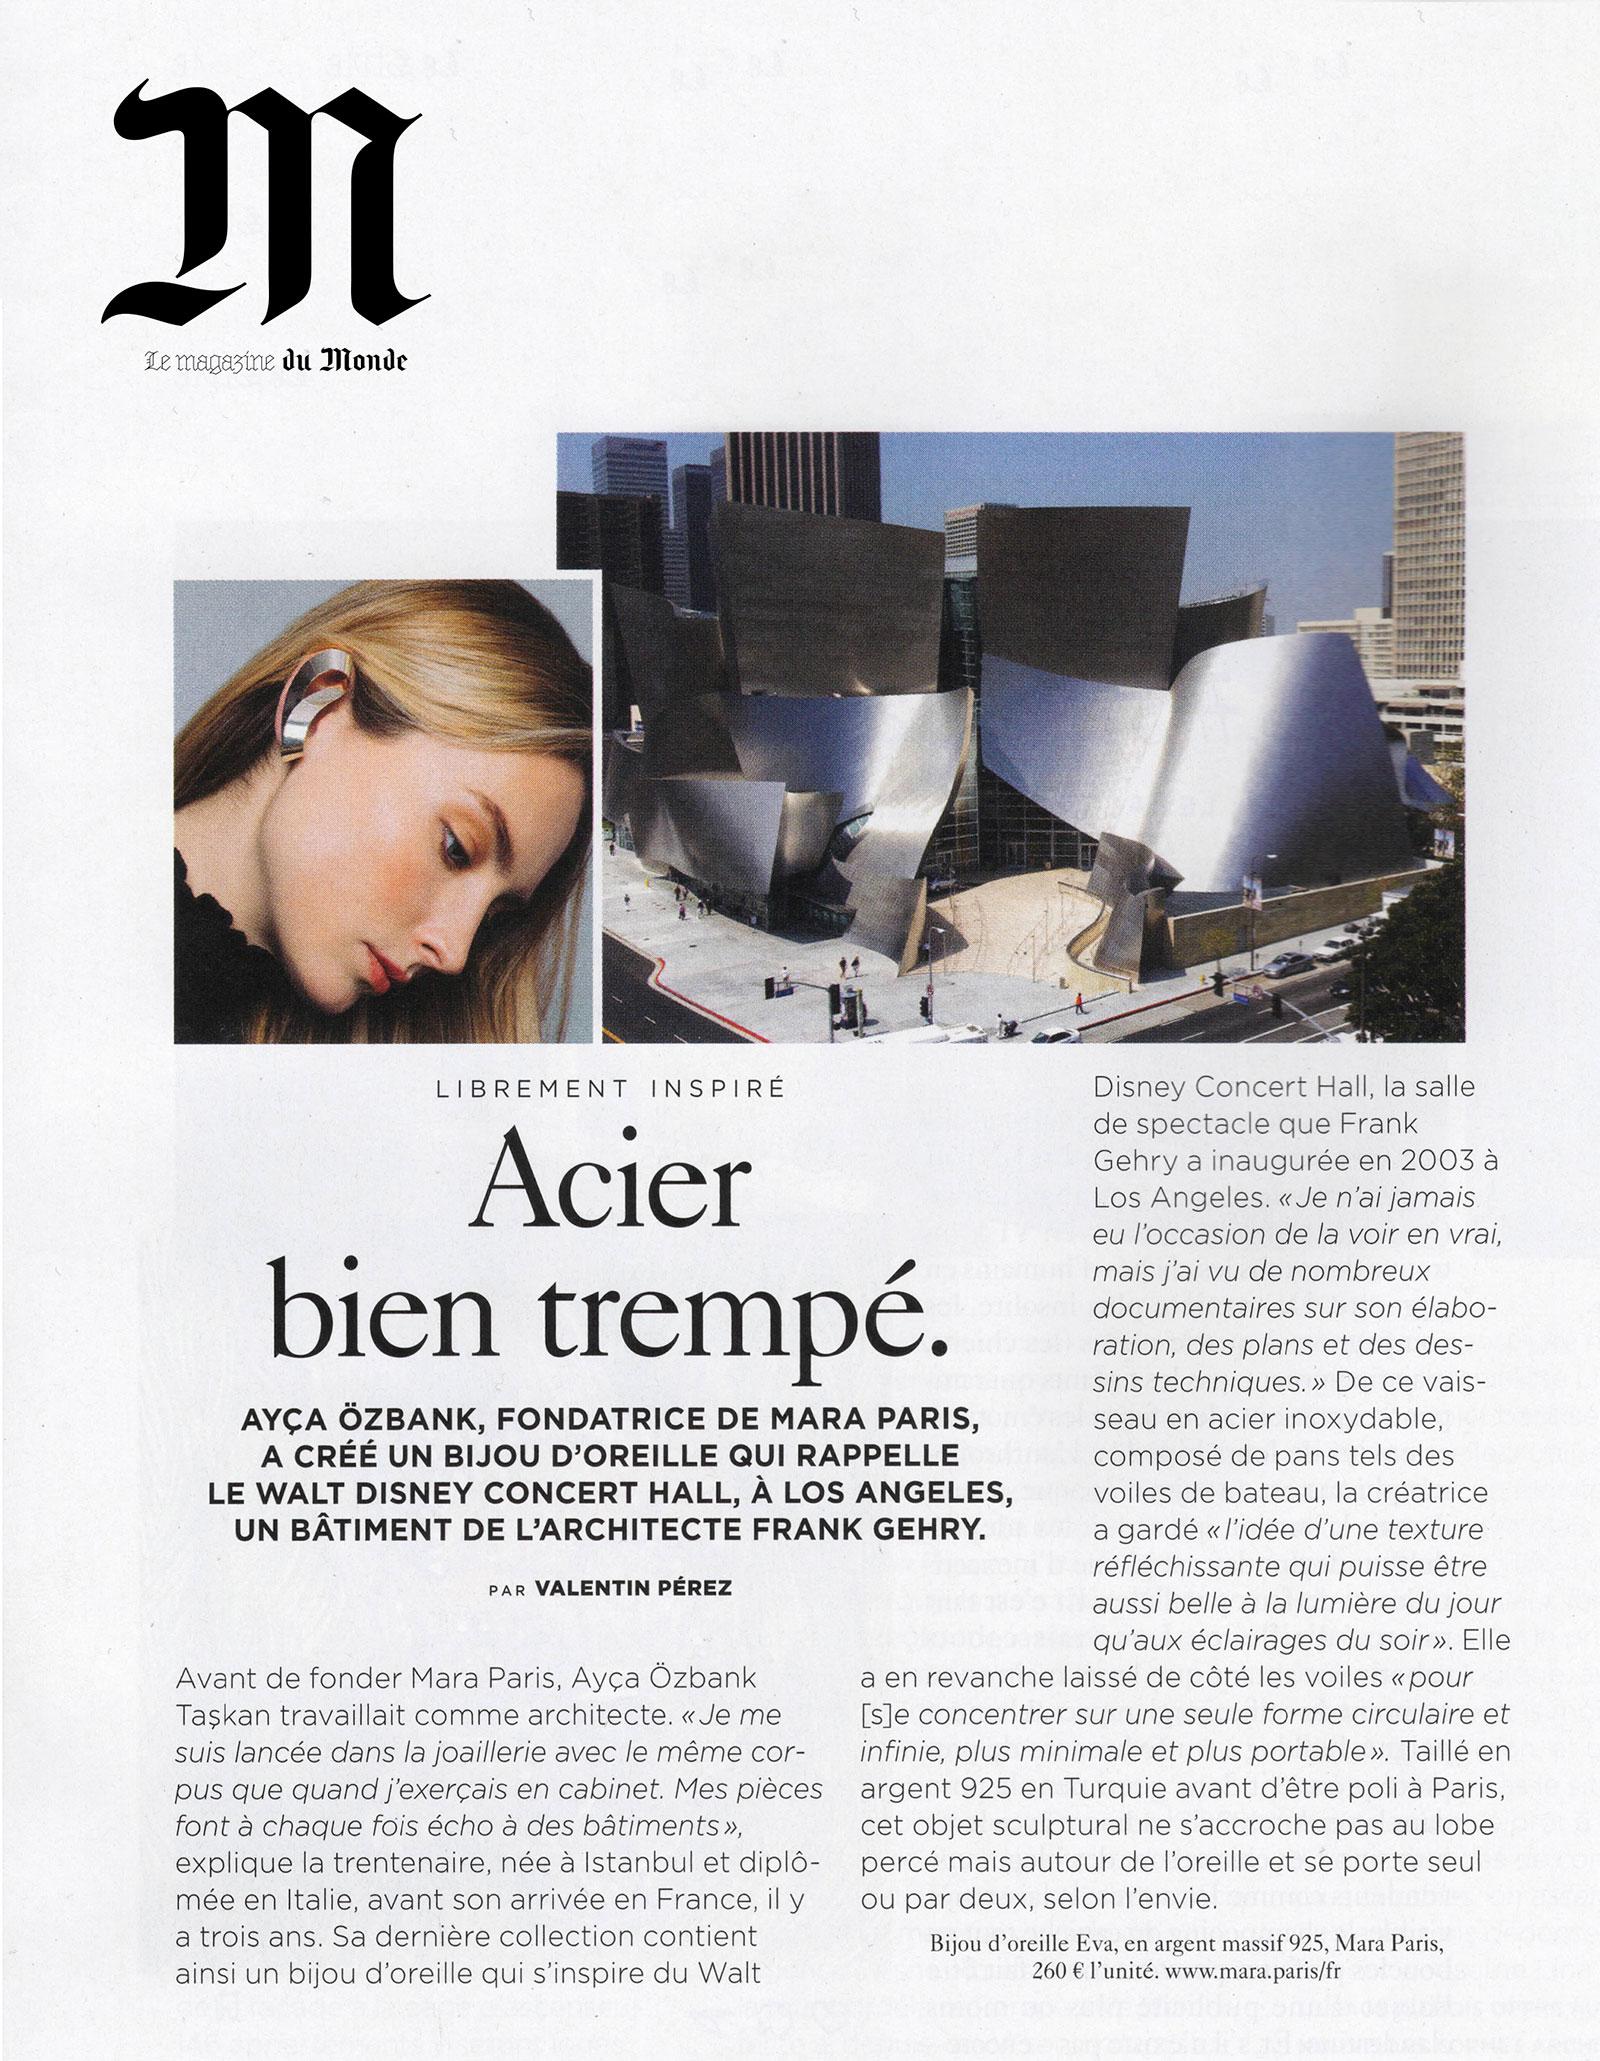 Le Monde - Interview by Valentin Pérez